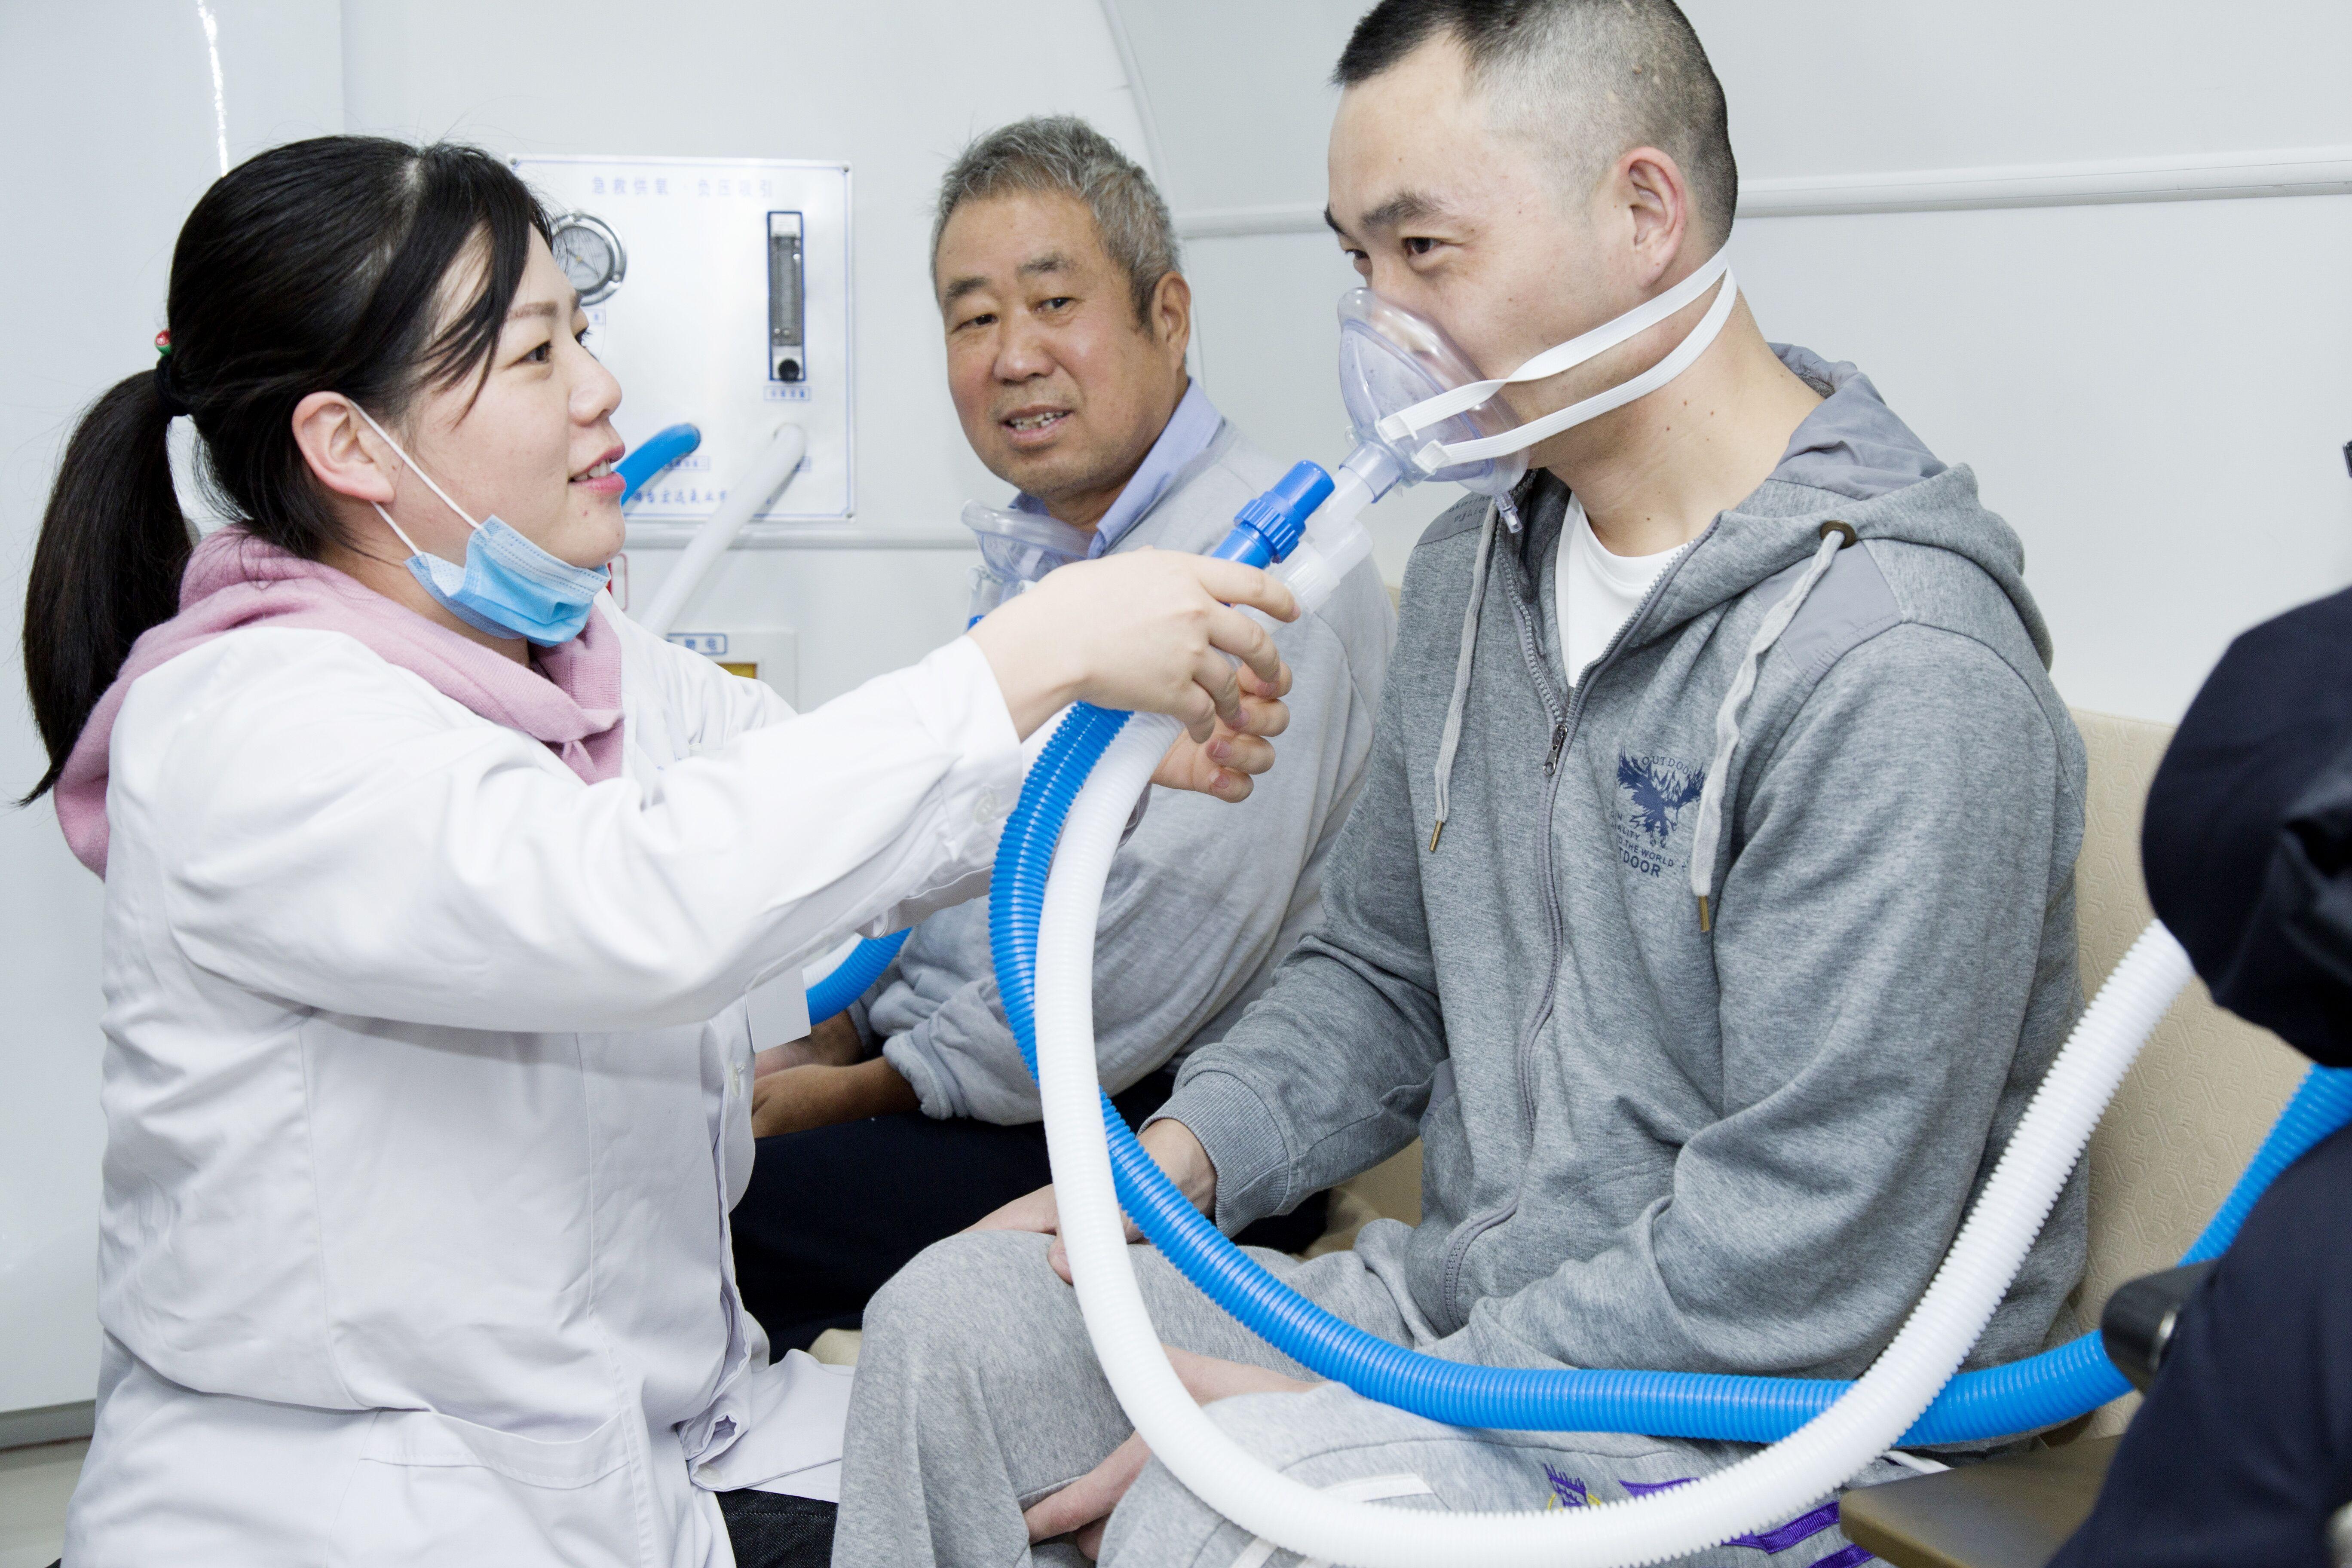 高压氧能治耳鸣吗